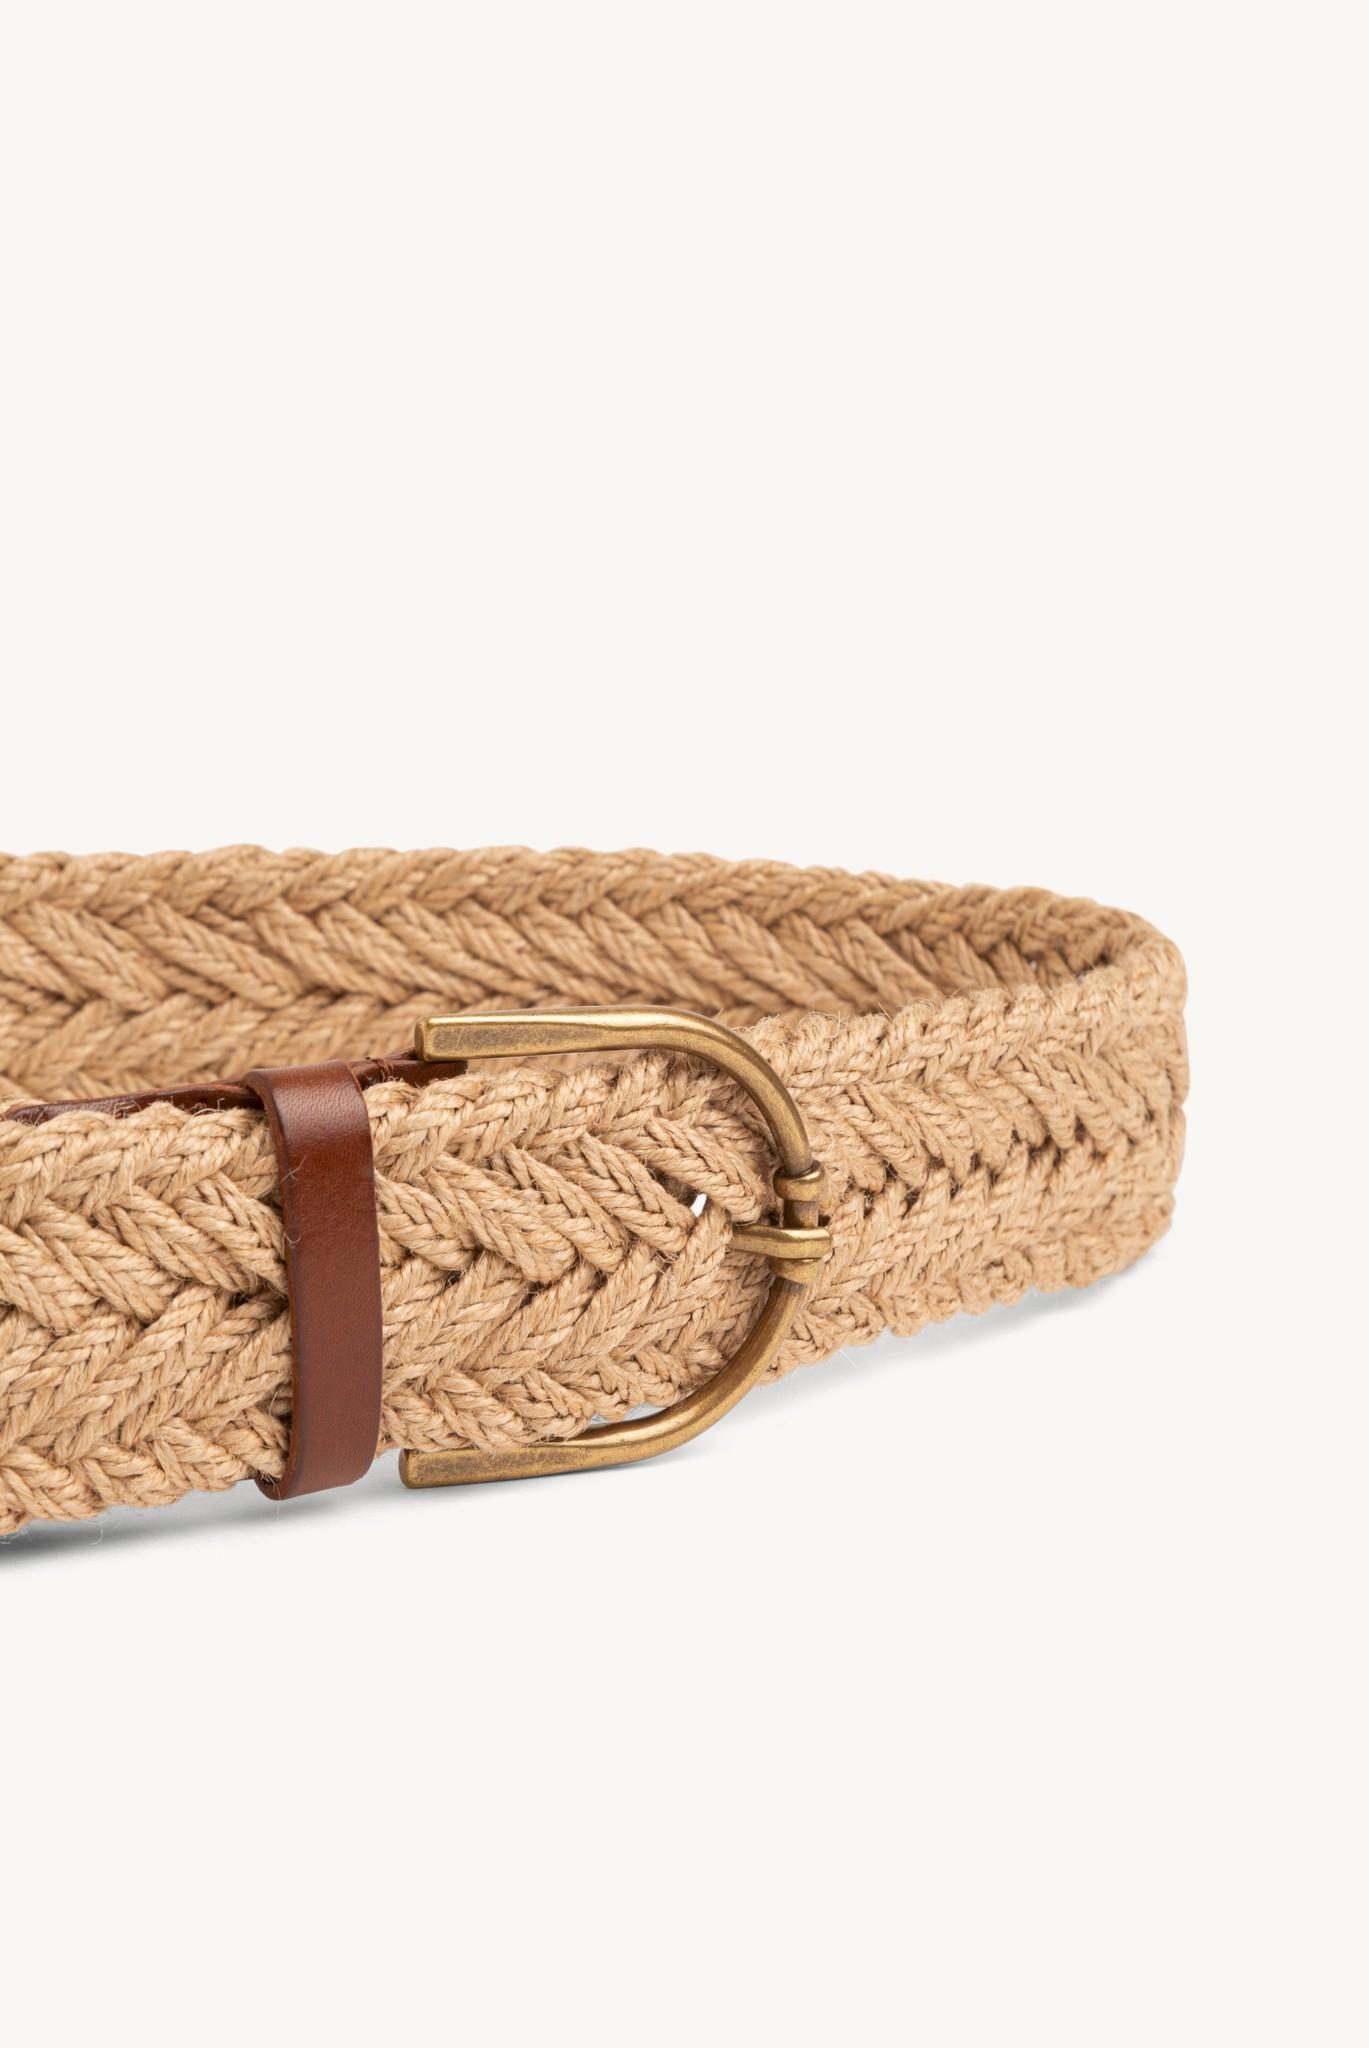 GOA - Широкий плетенный ремень из джута